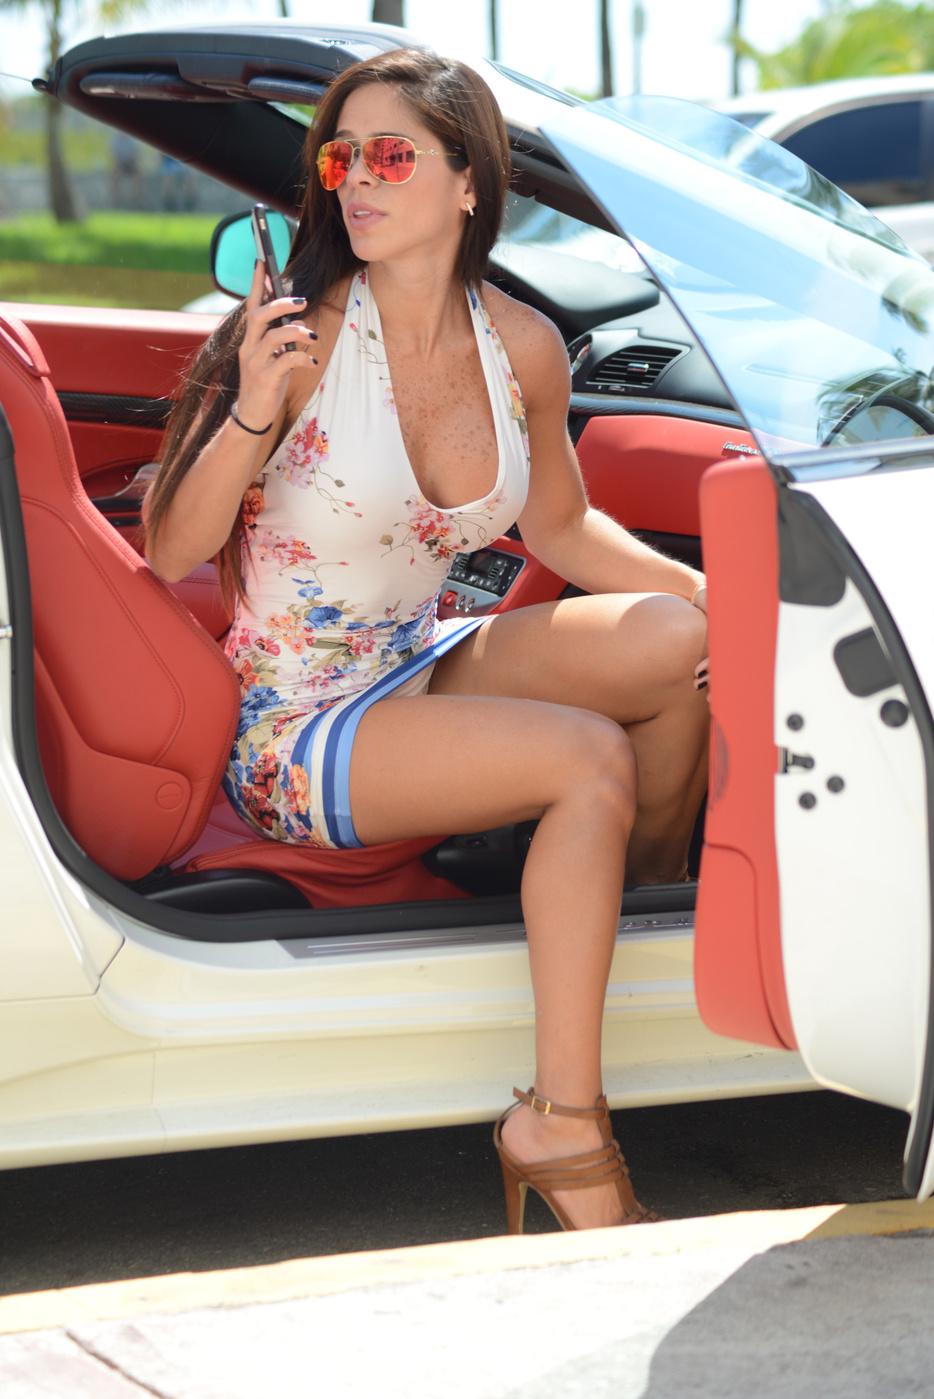 Michelle Lewin  - Michelle Lew babepedia @Michelle_Lewin